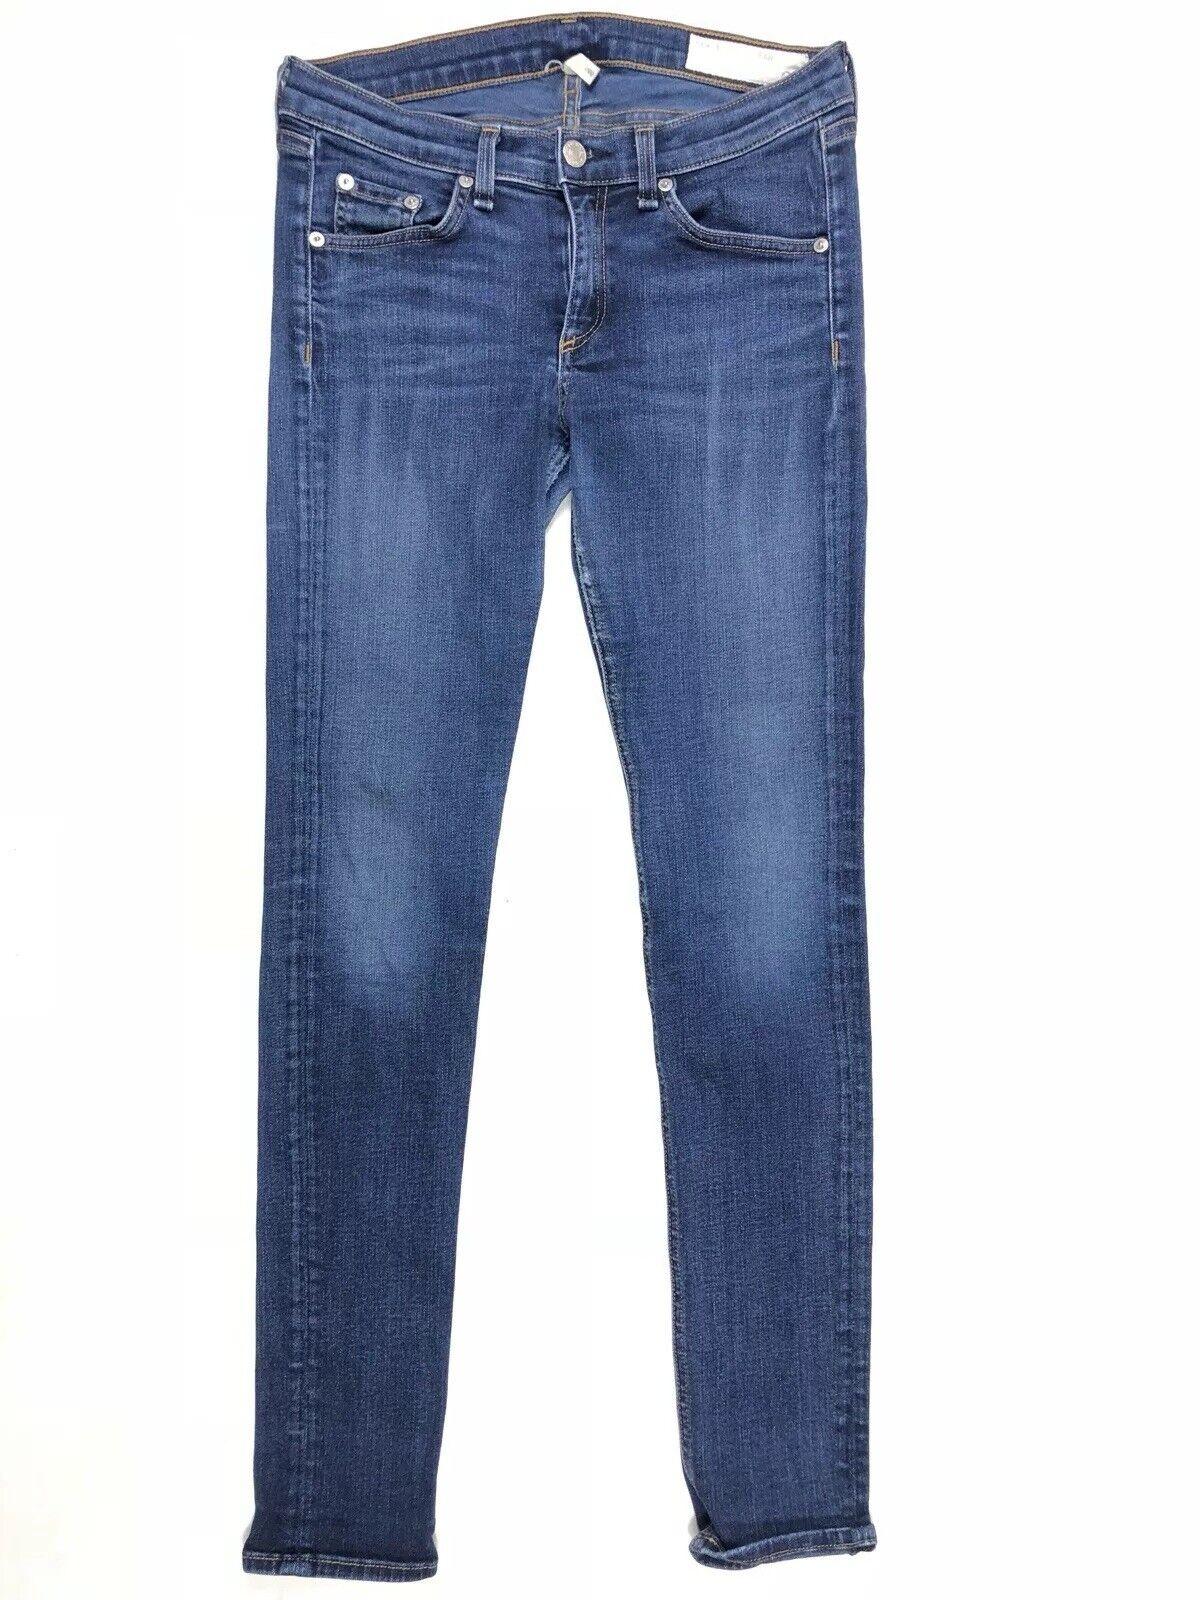 Rag And Bone Women's bluee Skinny Jeans Size 27x30